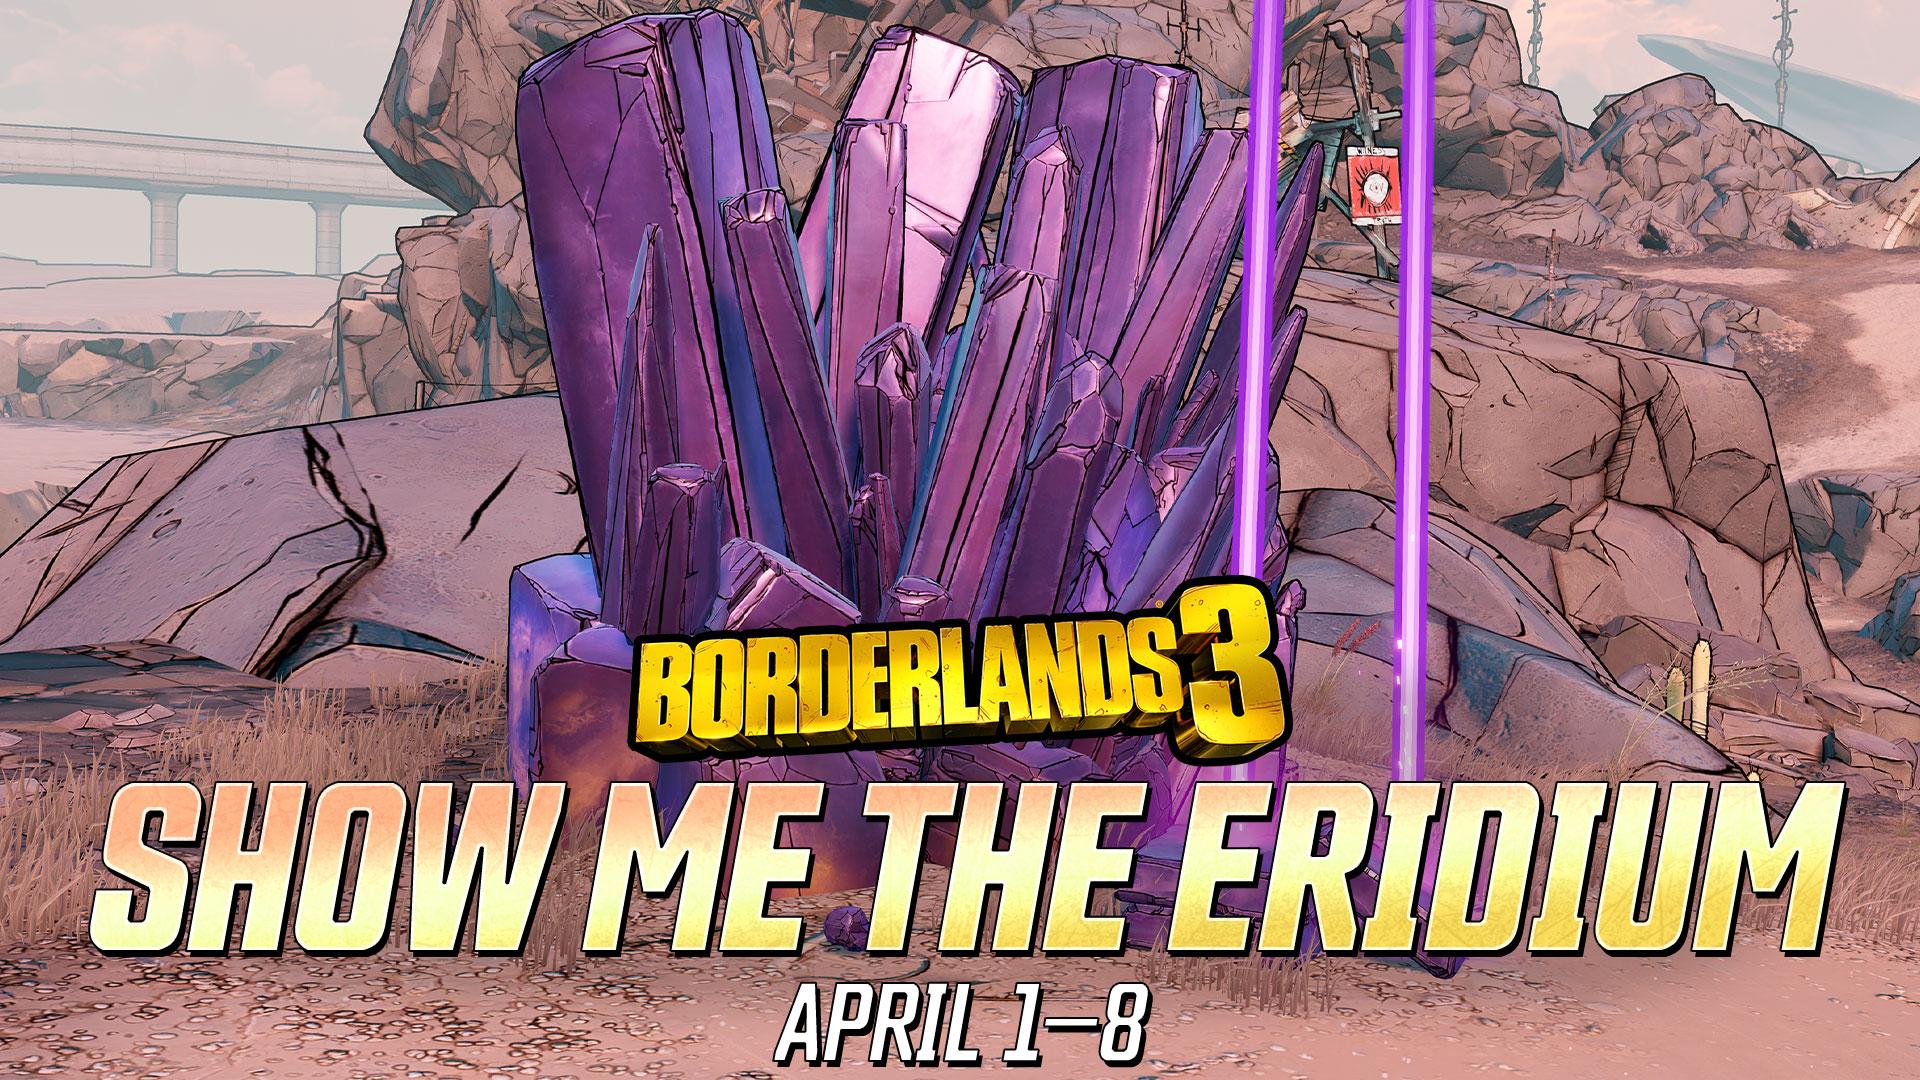 Aprovecha el minievento de Borderlands 3 para afrontar el próximo DLC 2